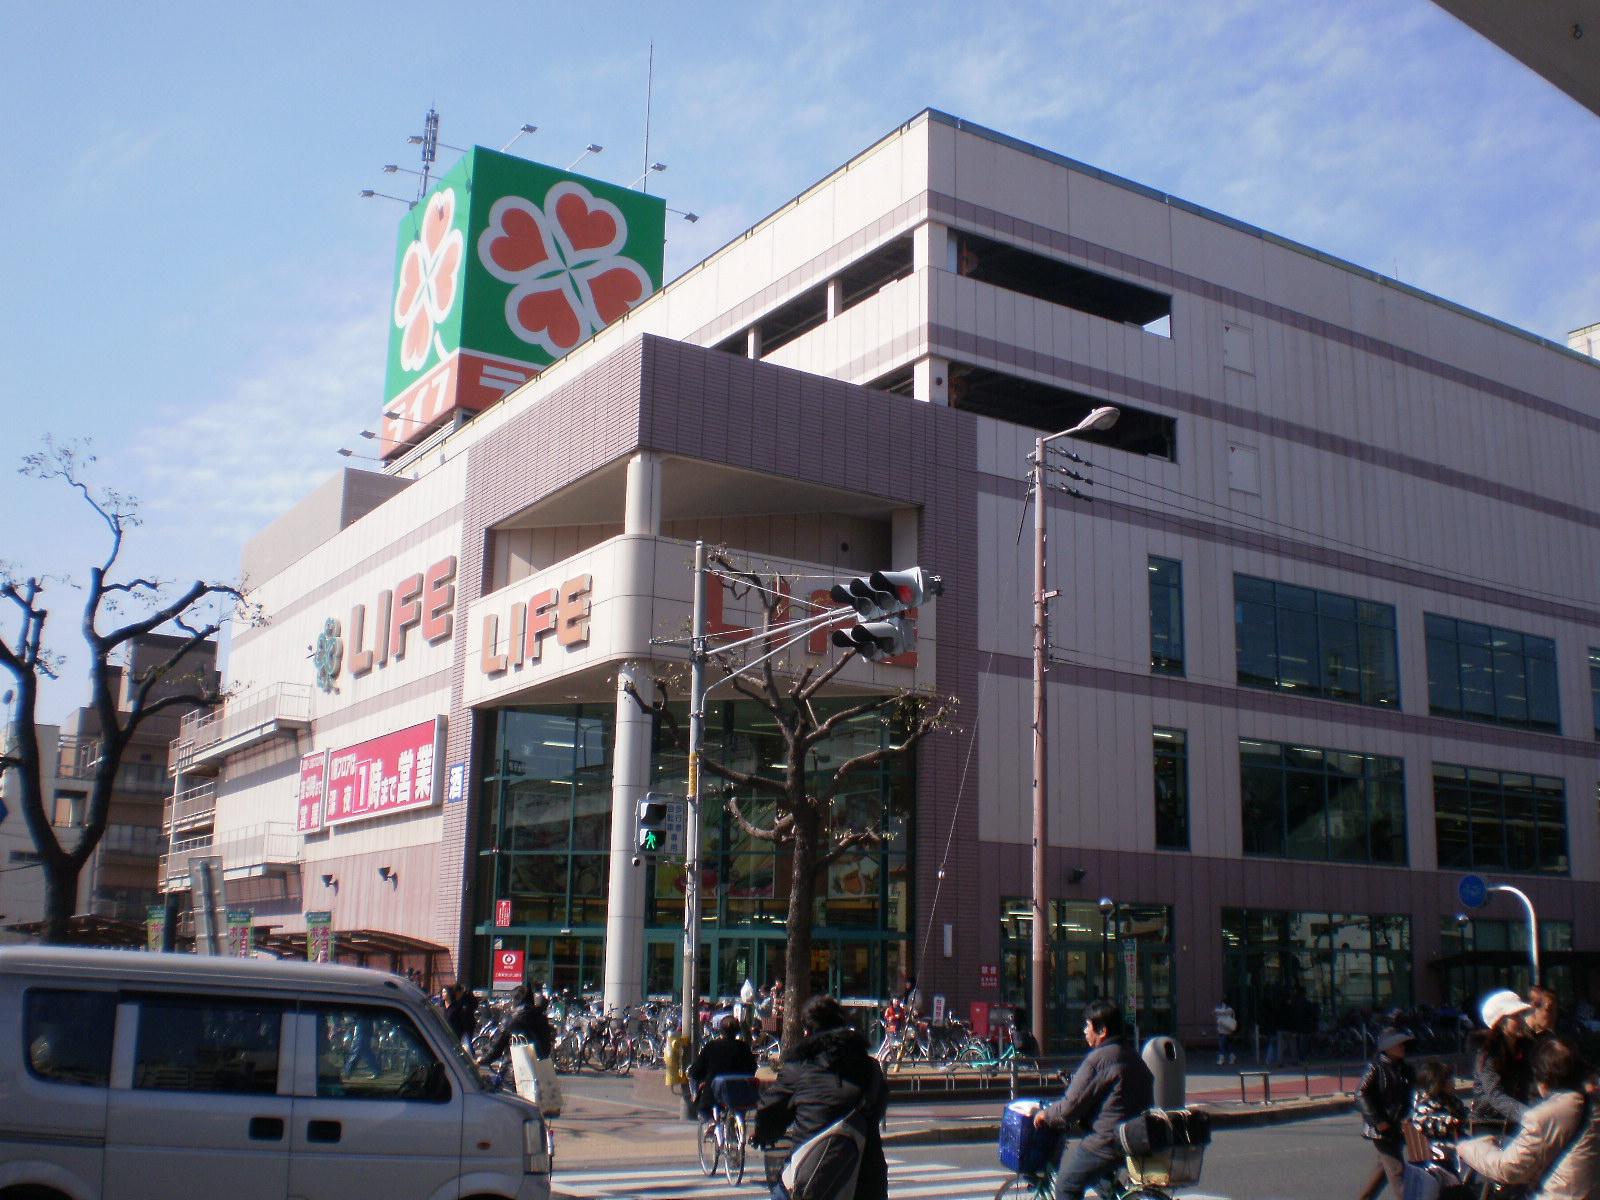 スーパー ライフ喜連瓜破店(スーパー)まで791m